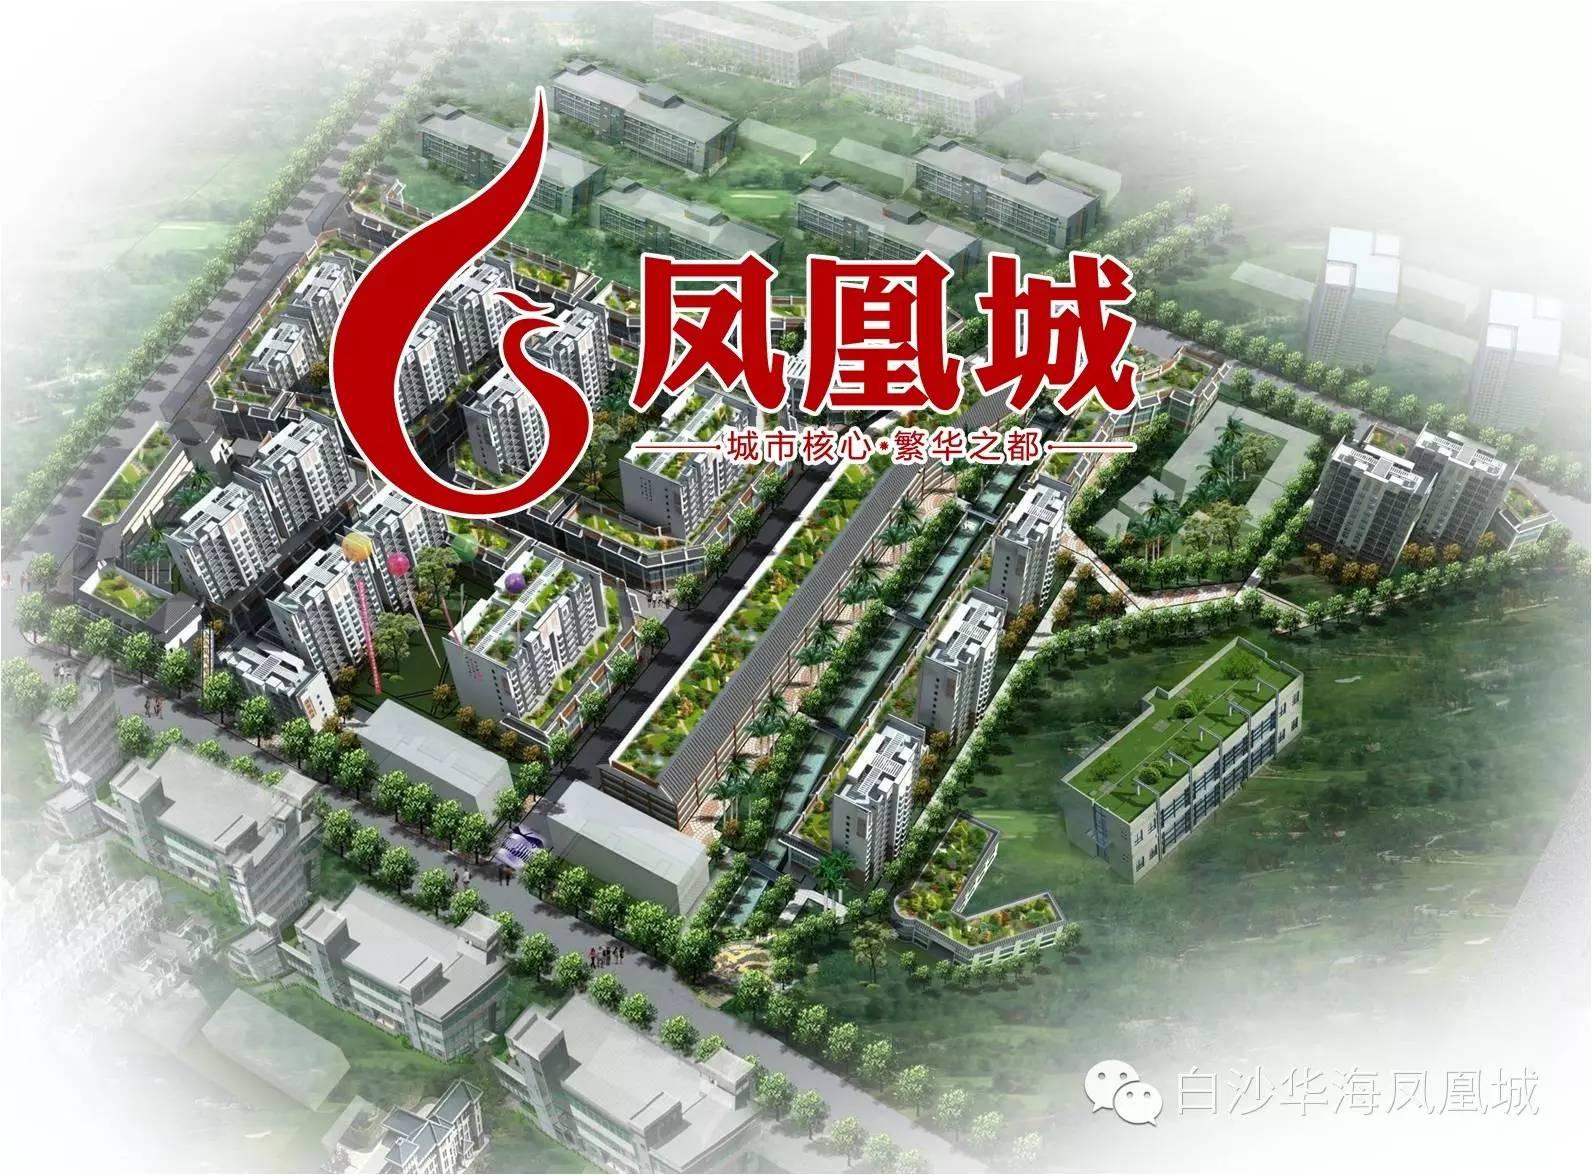 白沙华海房地产开发有限公司